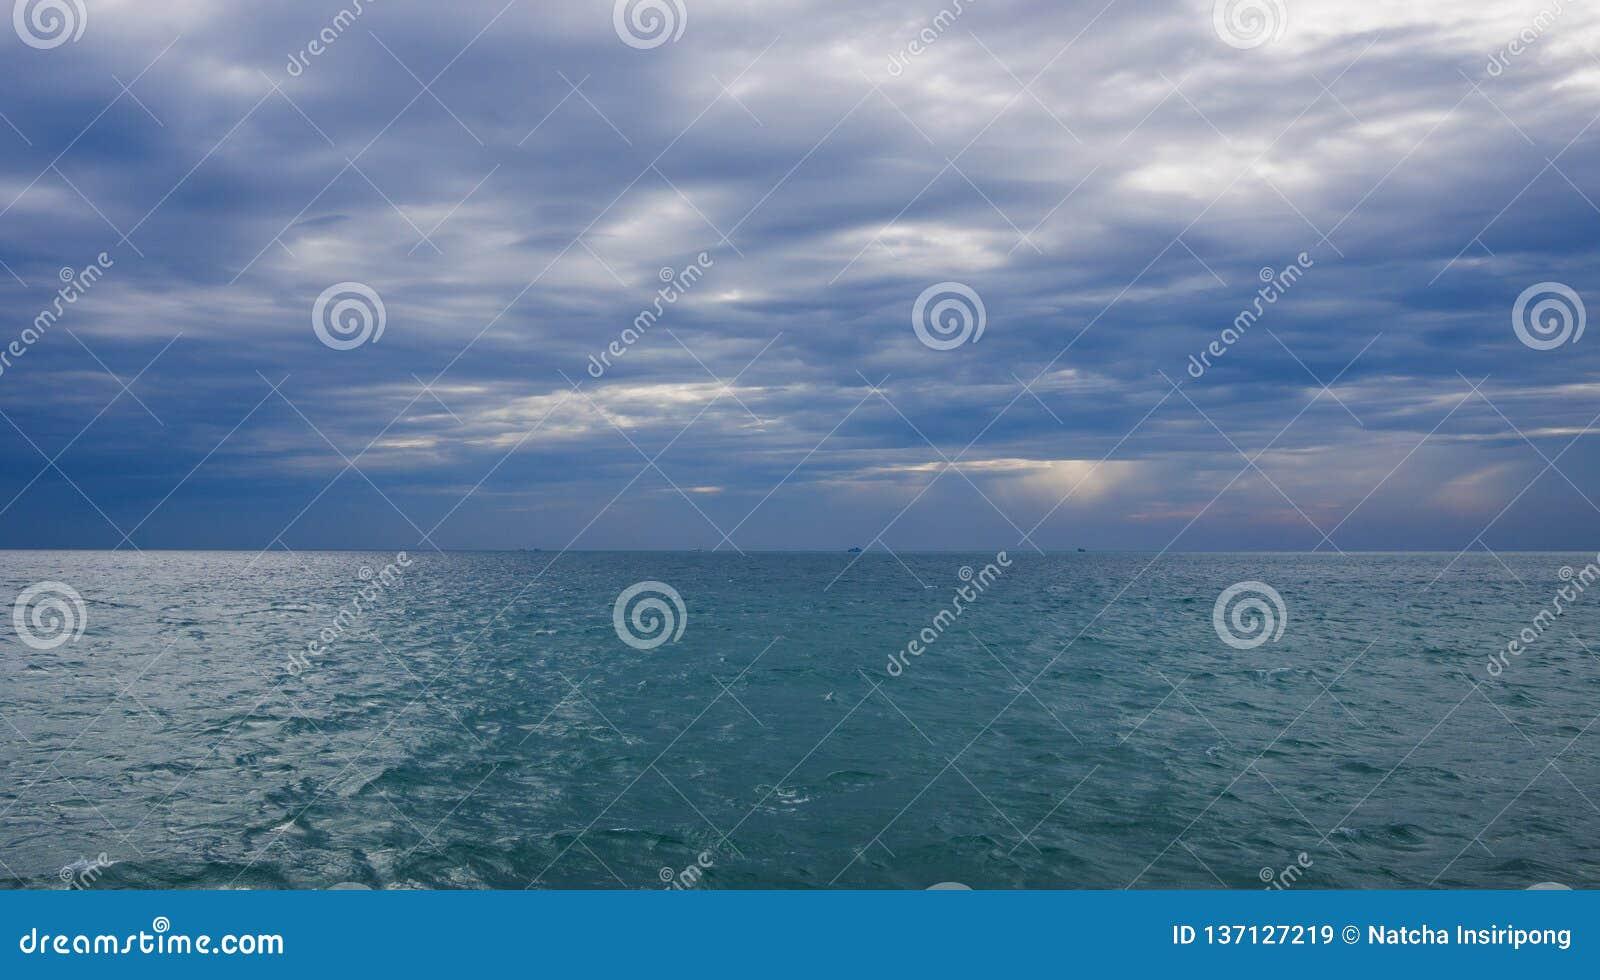 Seeansicht vom Golf von Thailand und vom Horizont